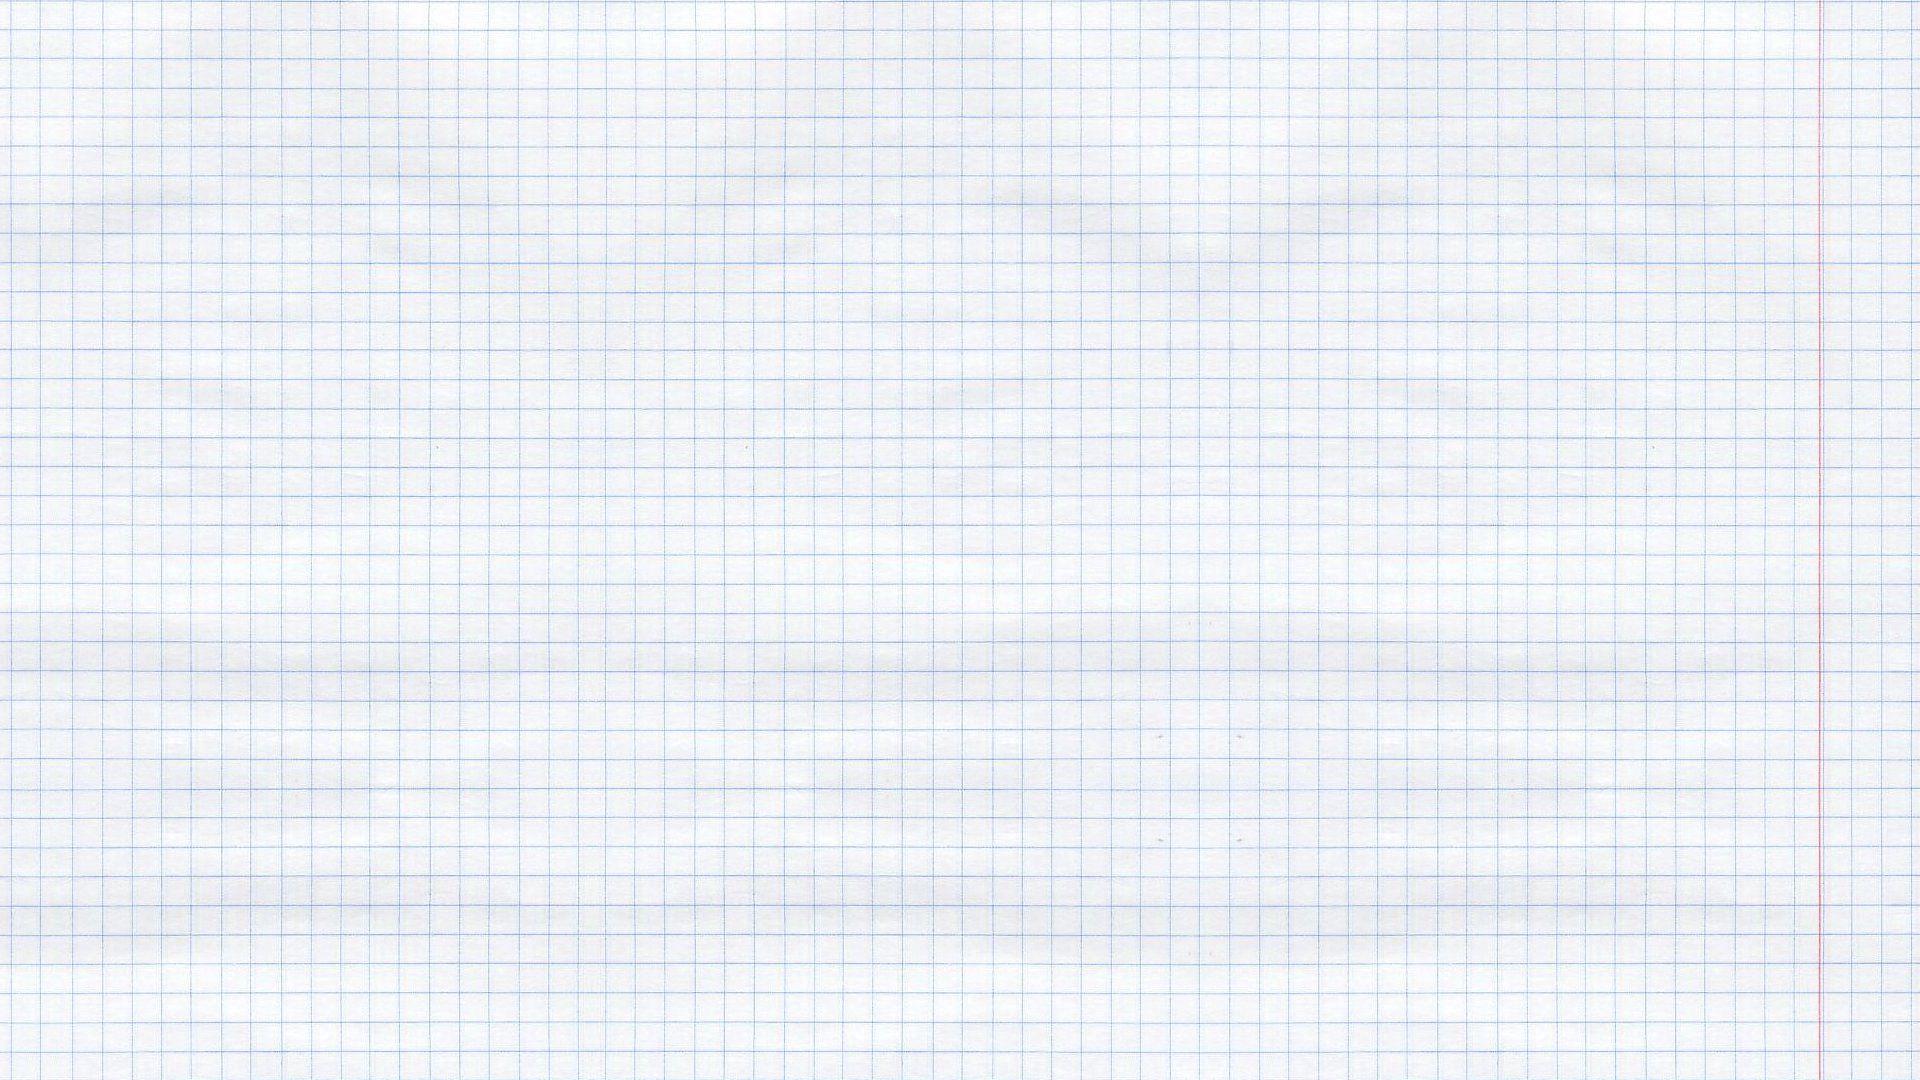 127339 завантажити шпалери Світлий, Текстура, Текстури, Клітини, Папір - заставки і картинки безкоштовно